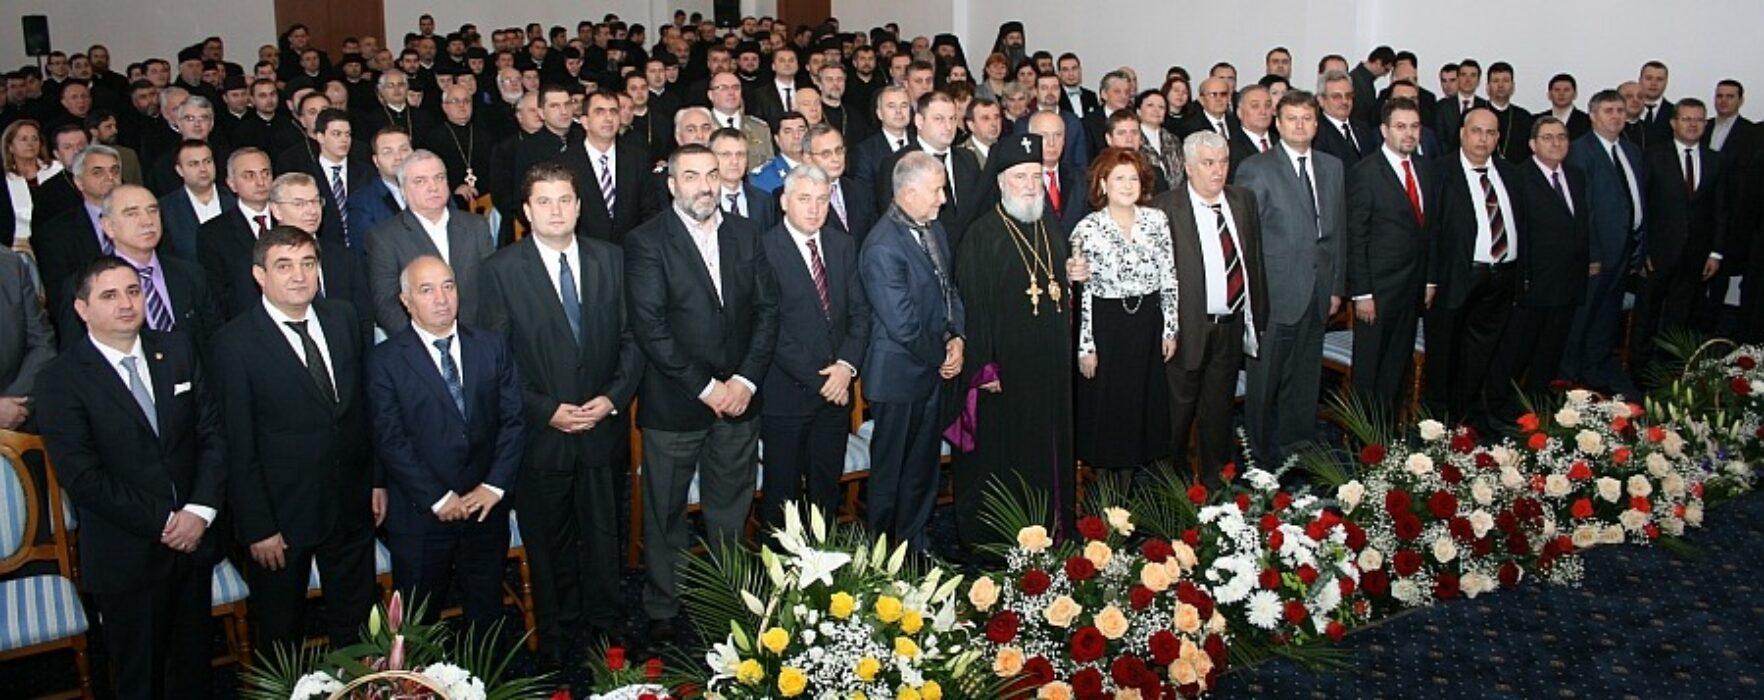 Moment aniversar în Arhiepiscopia Târgoviştei